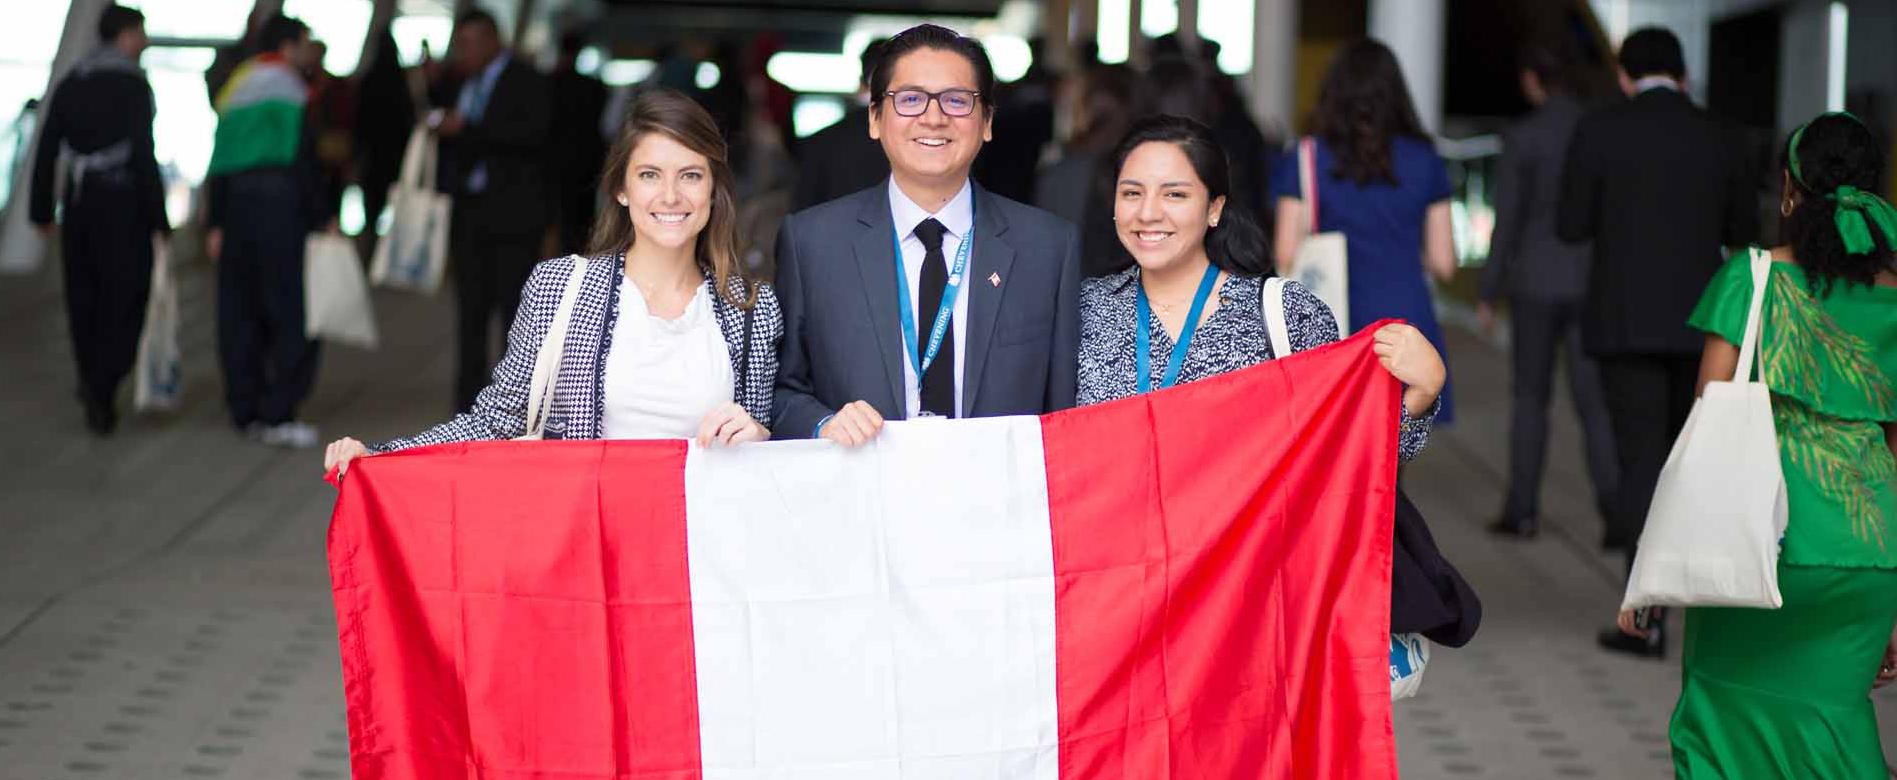 Chevening in Peru